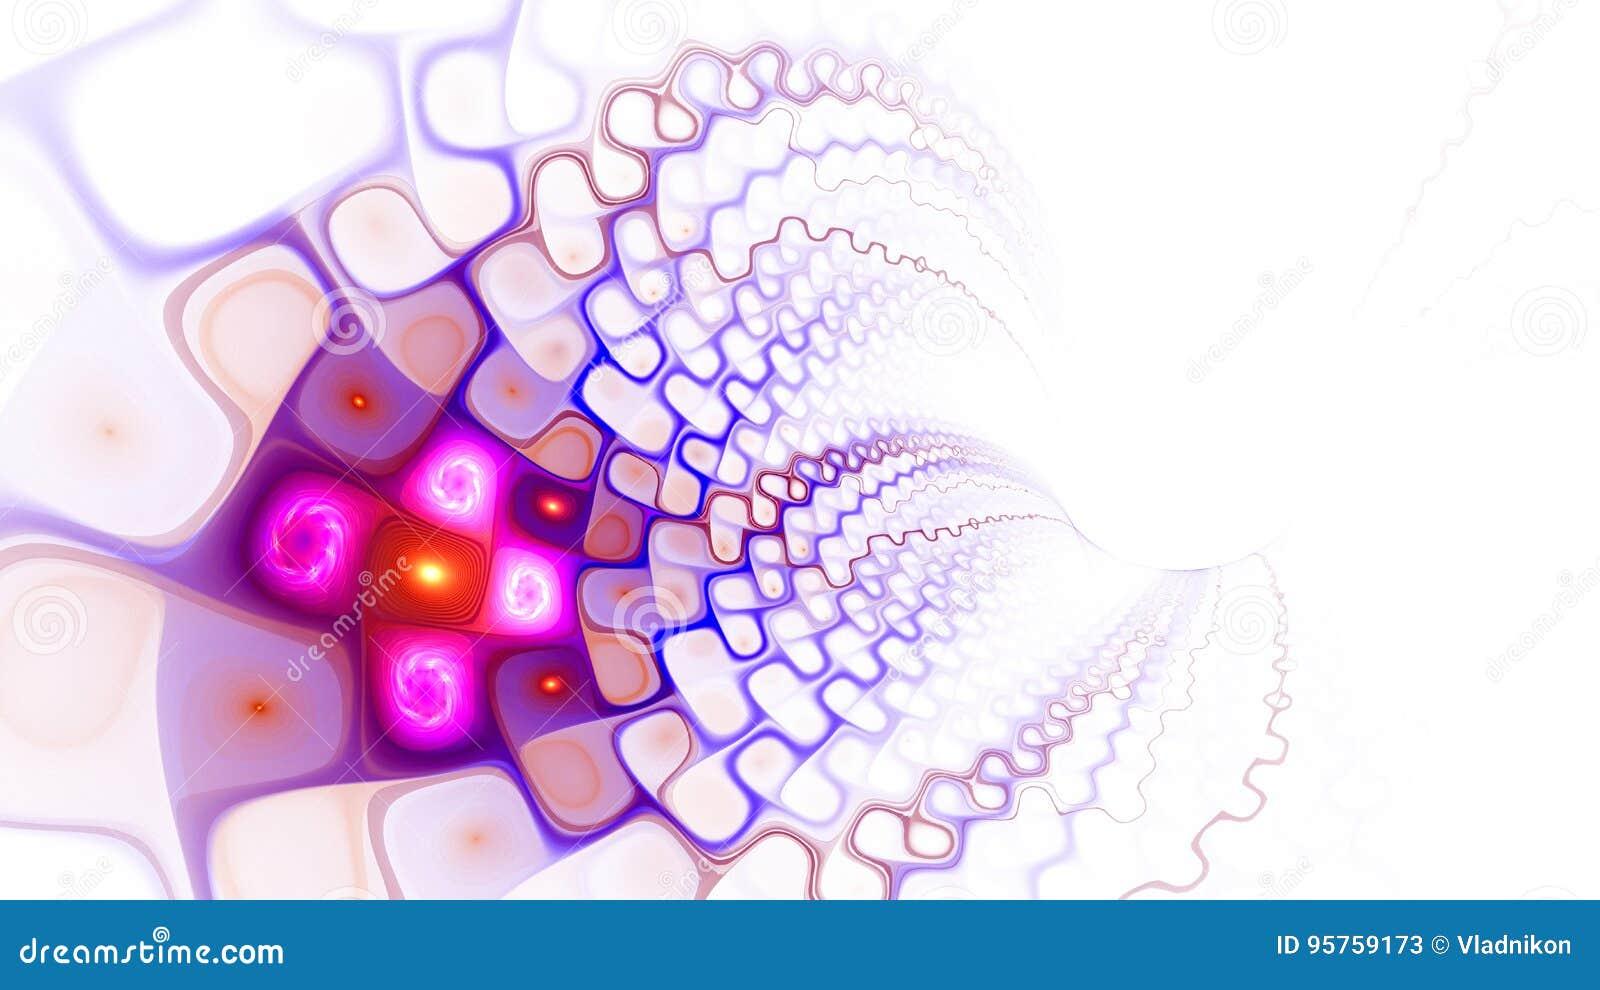 Modell av celler bred värld för rengöringsduk Flöde av plasma